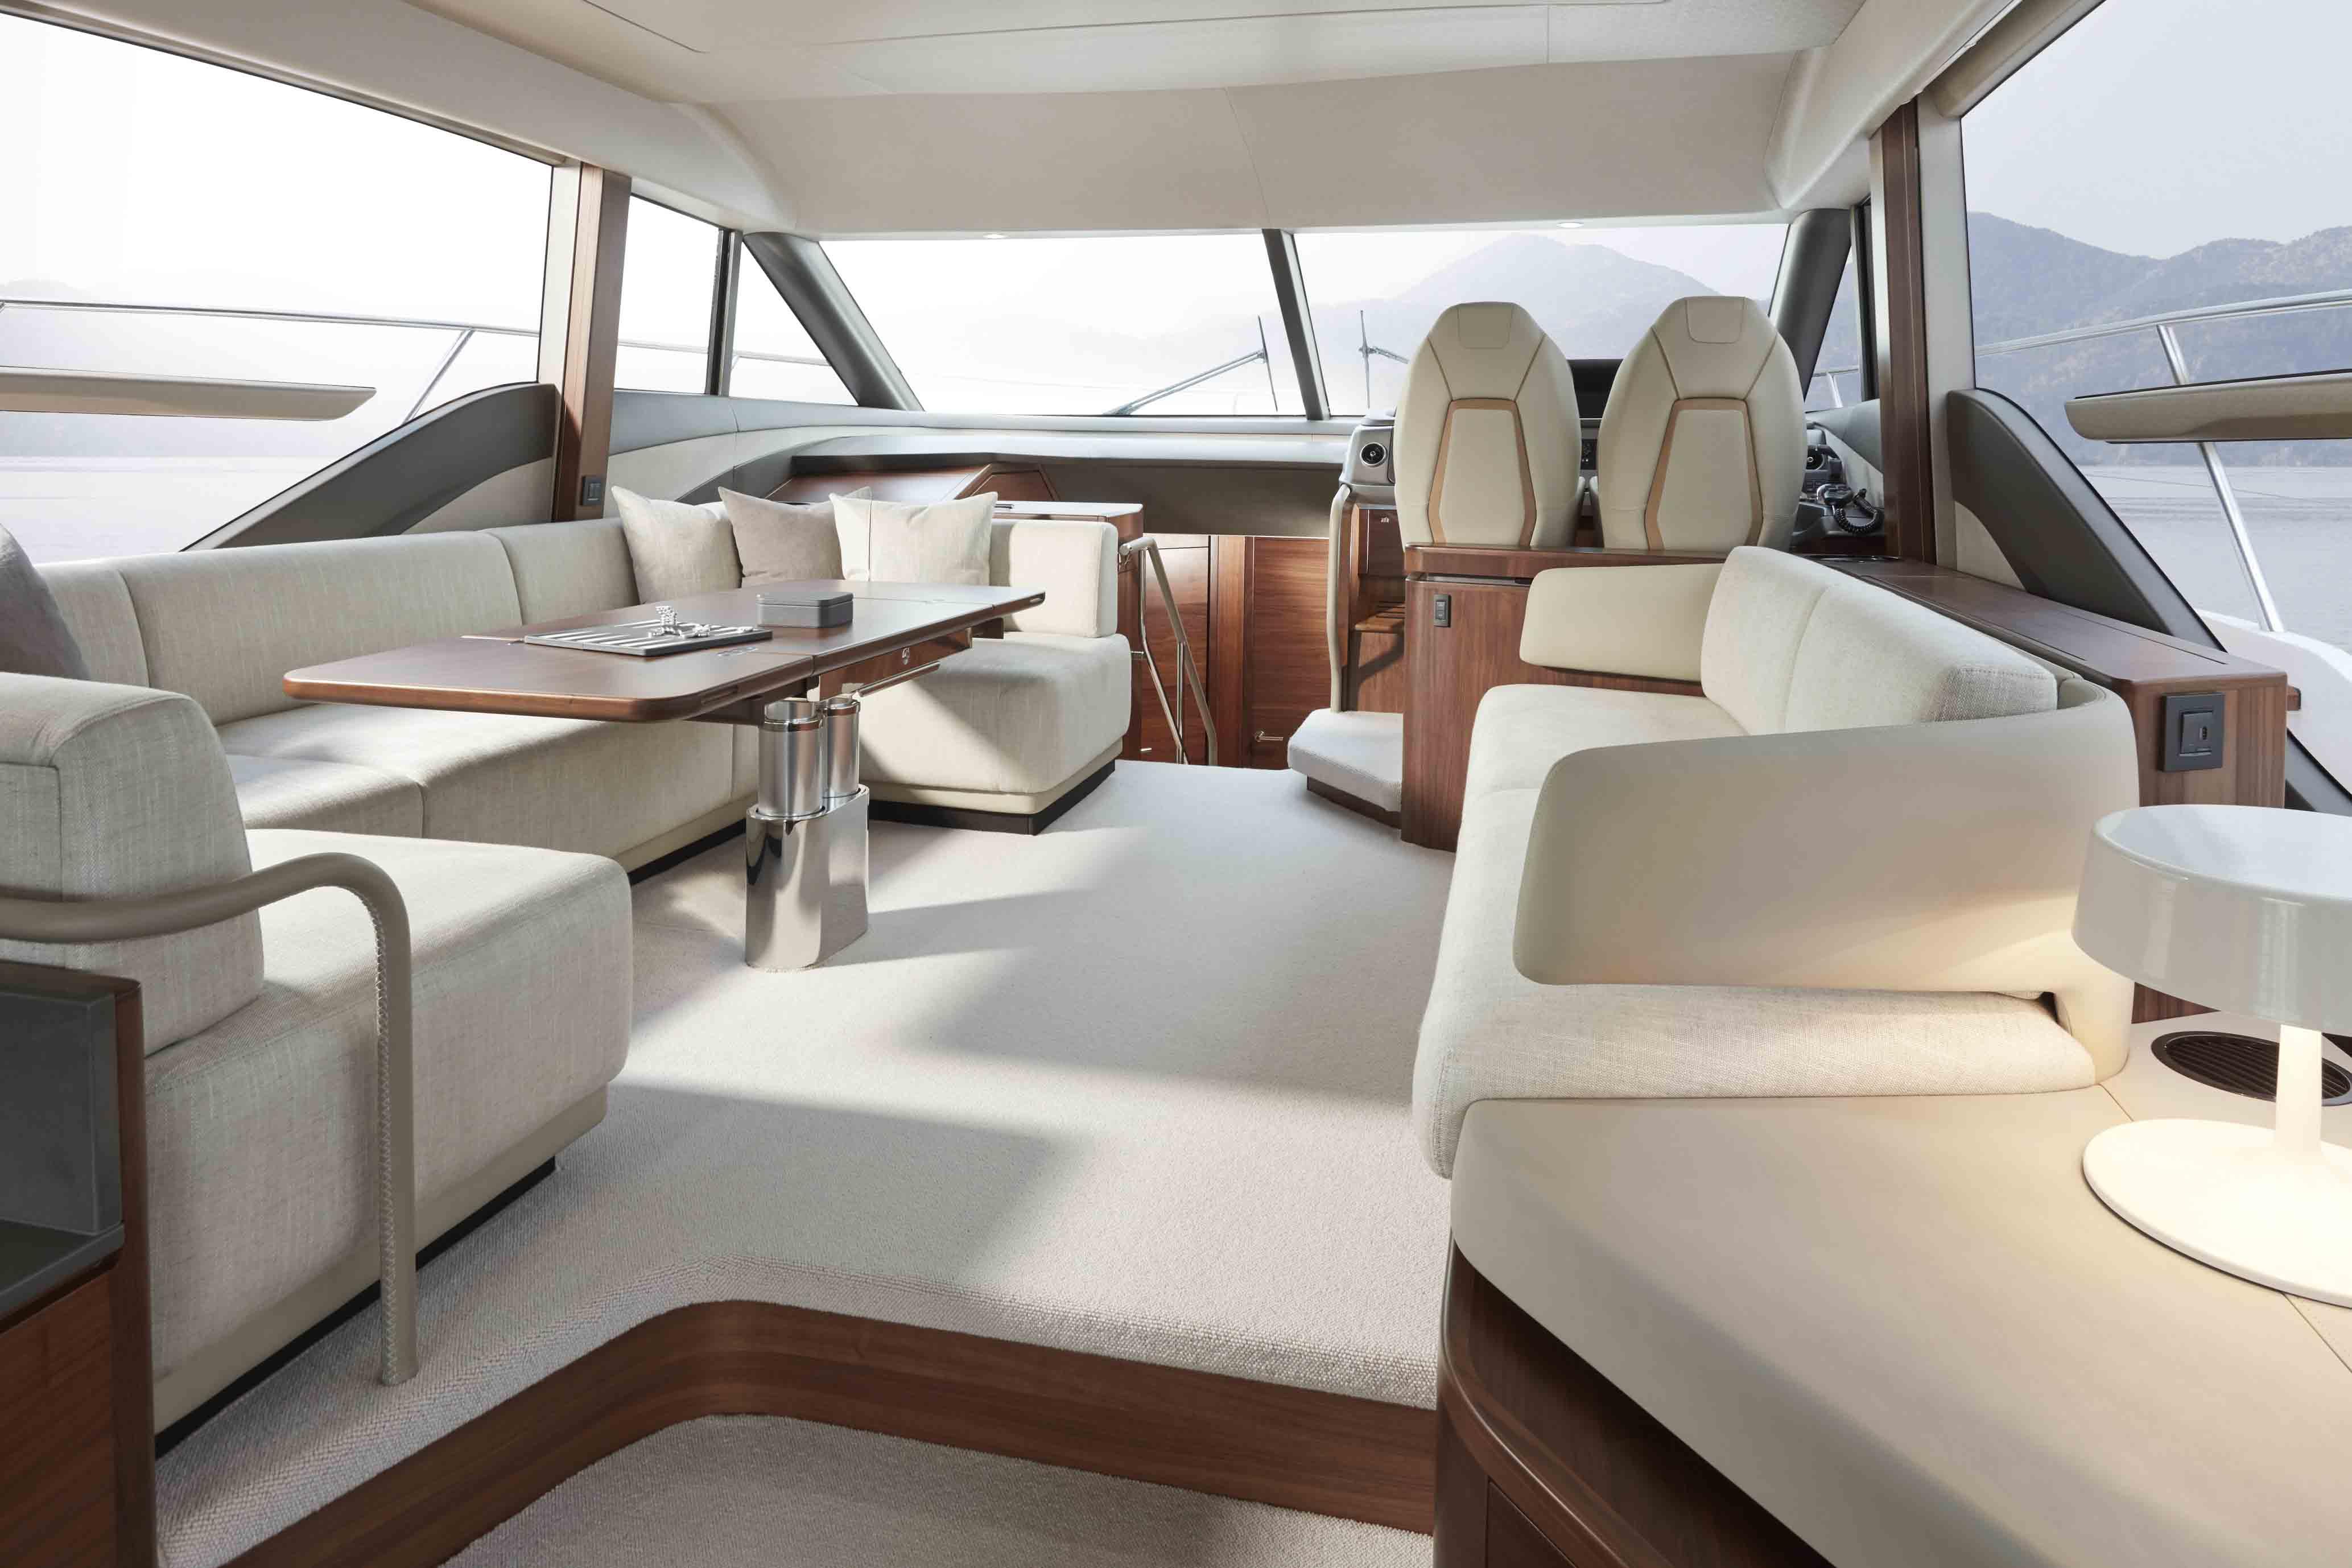 公主F55-55-interior-saloon-seating-walnut-satin